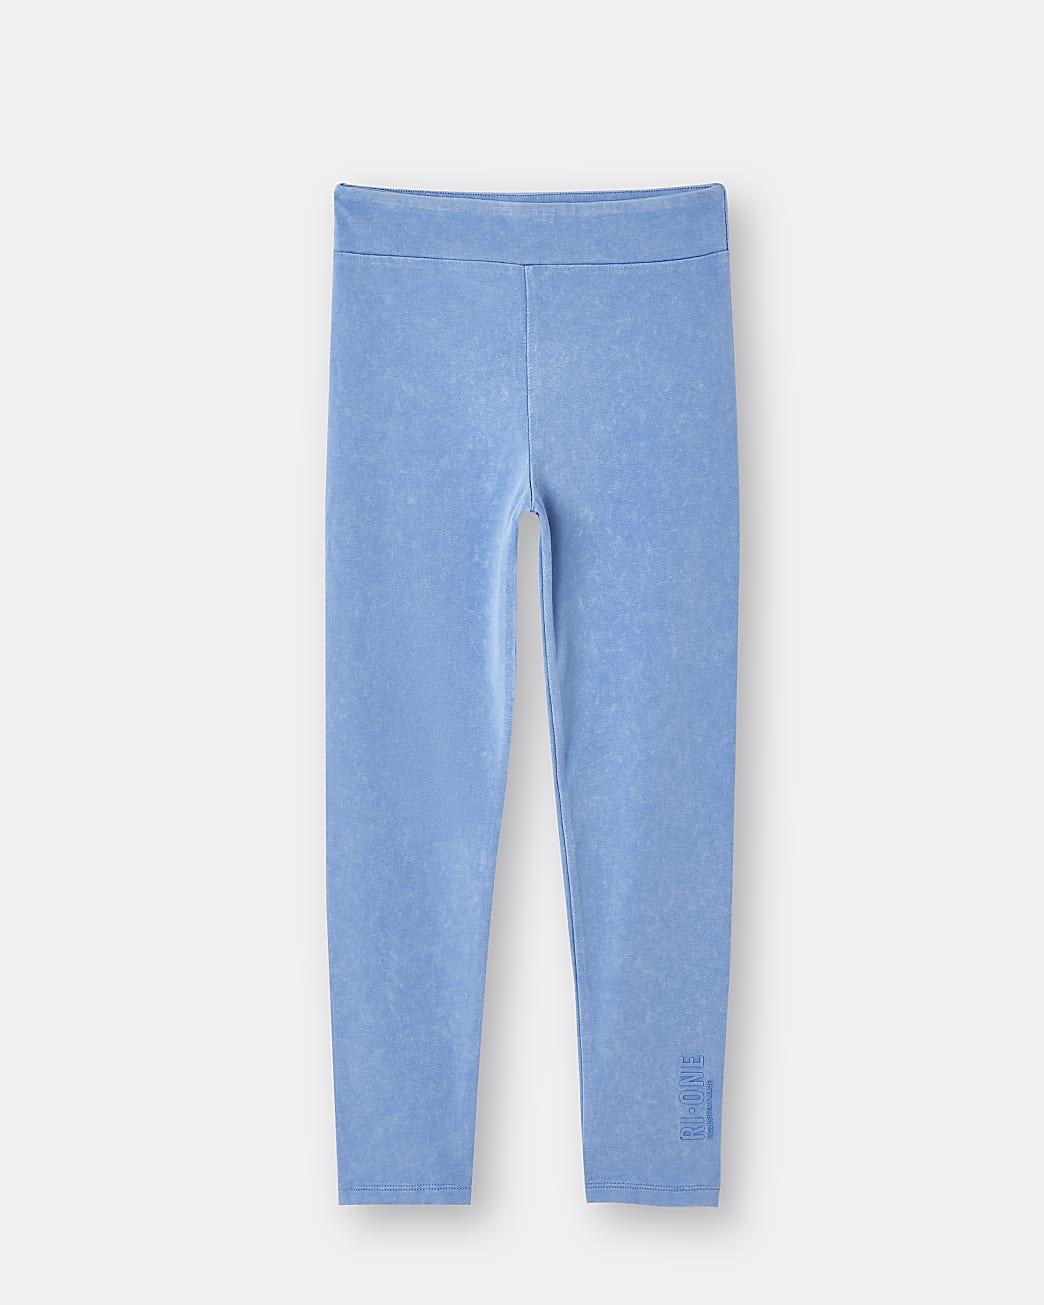 Girls blue RI ONE leggings